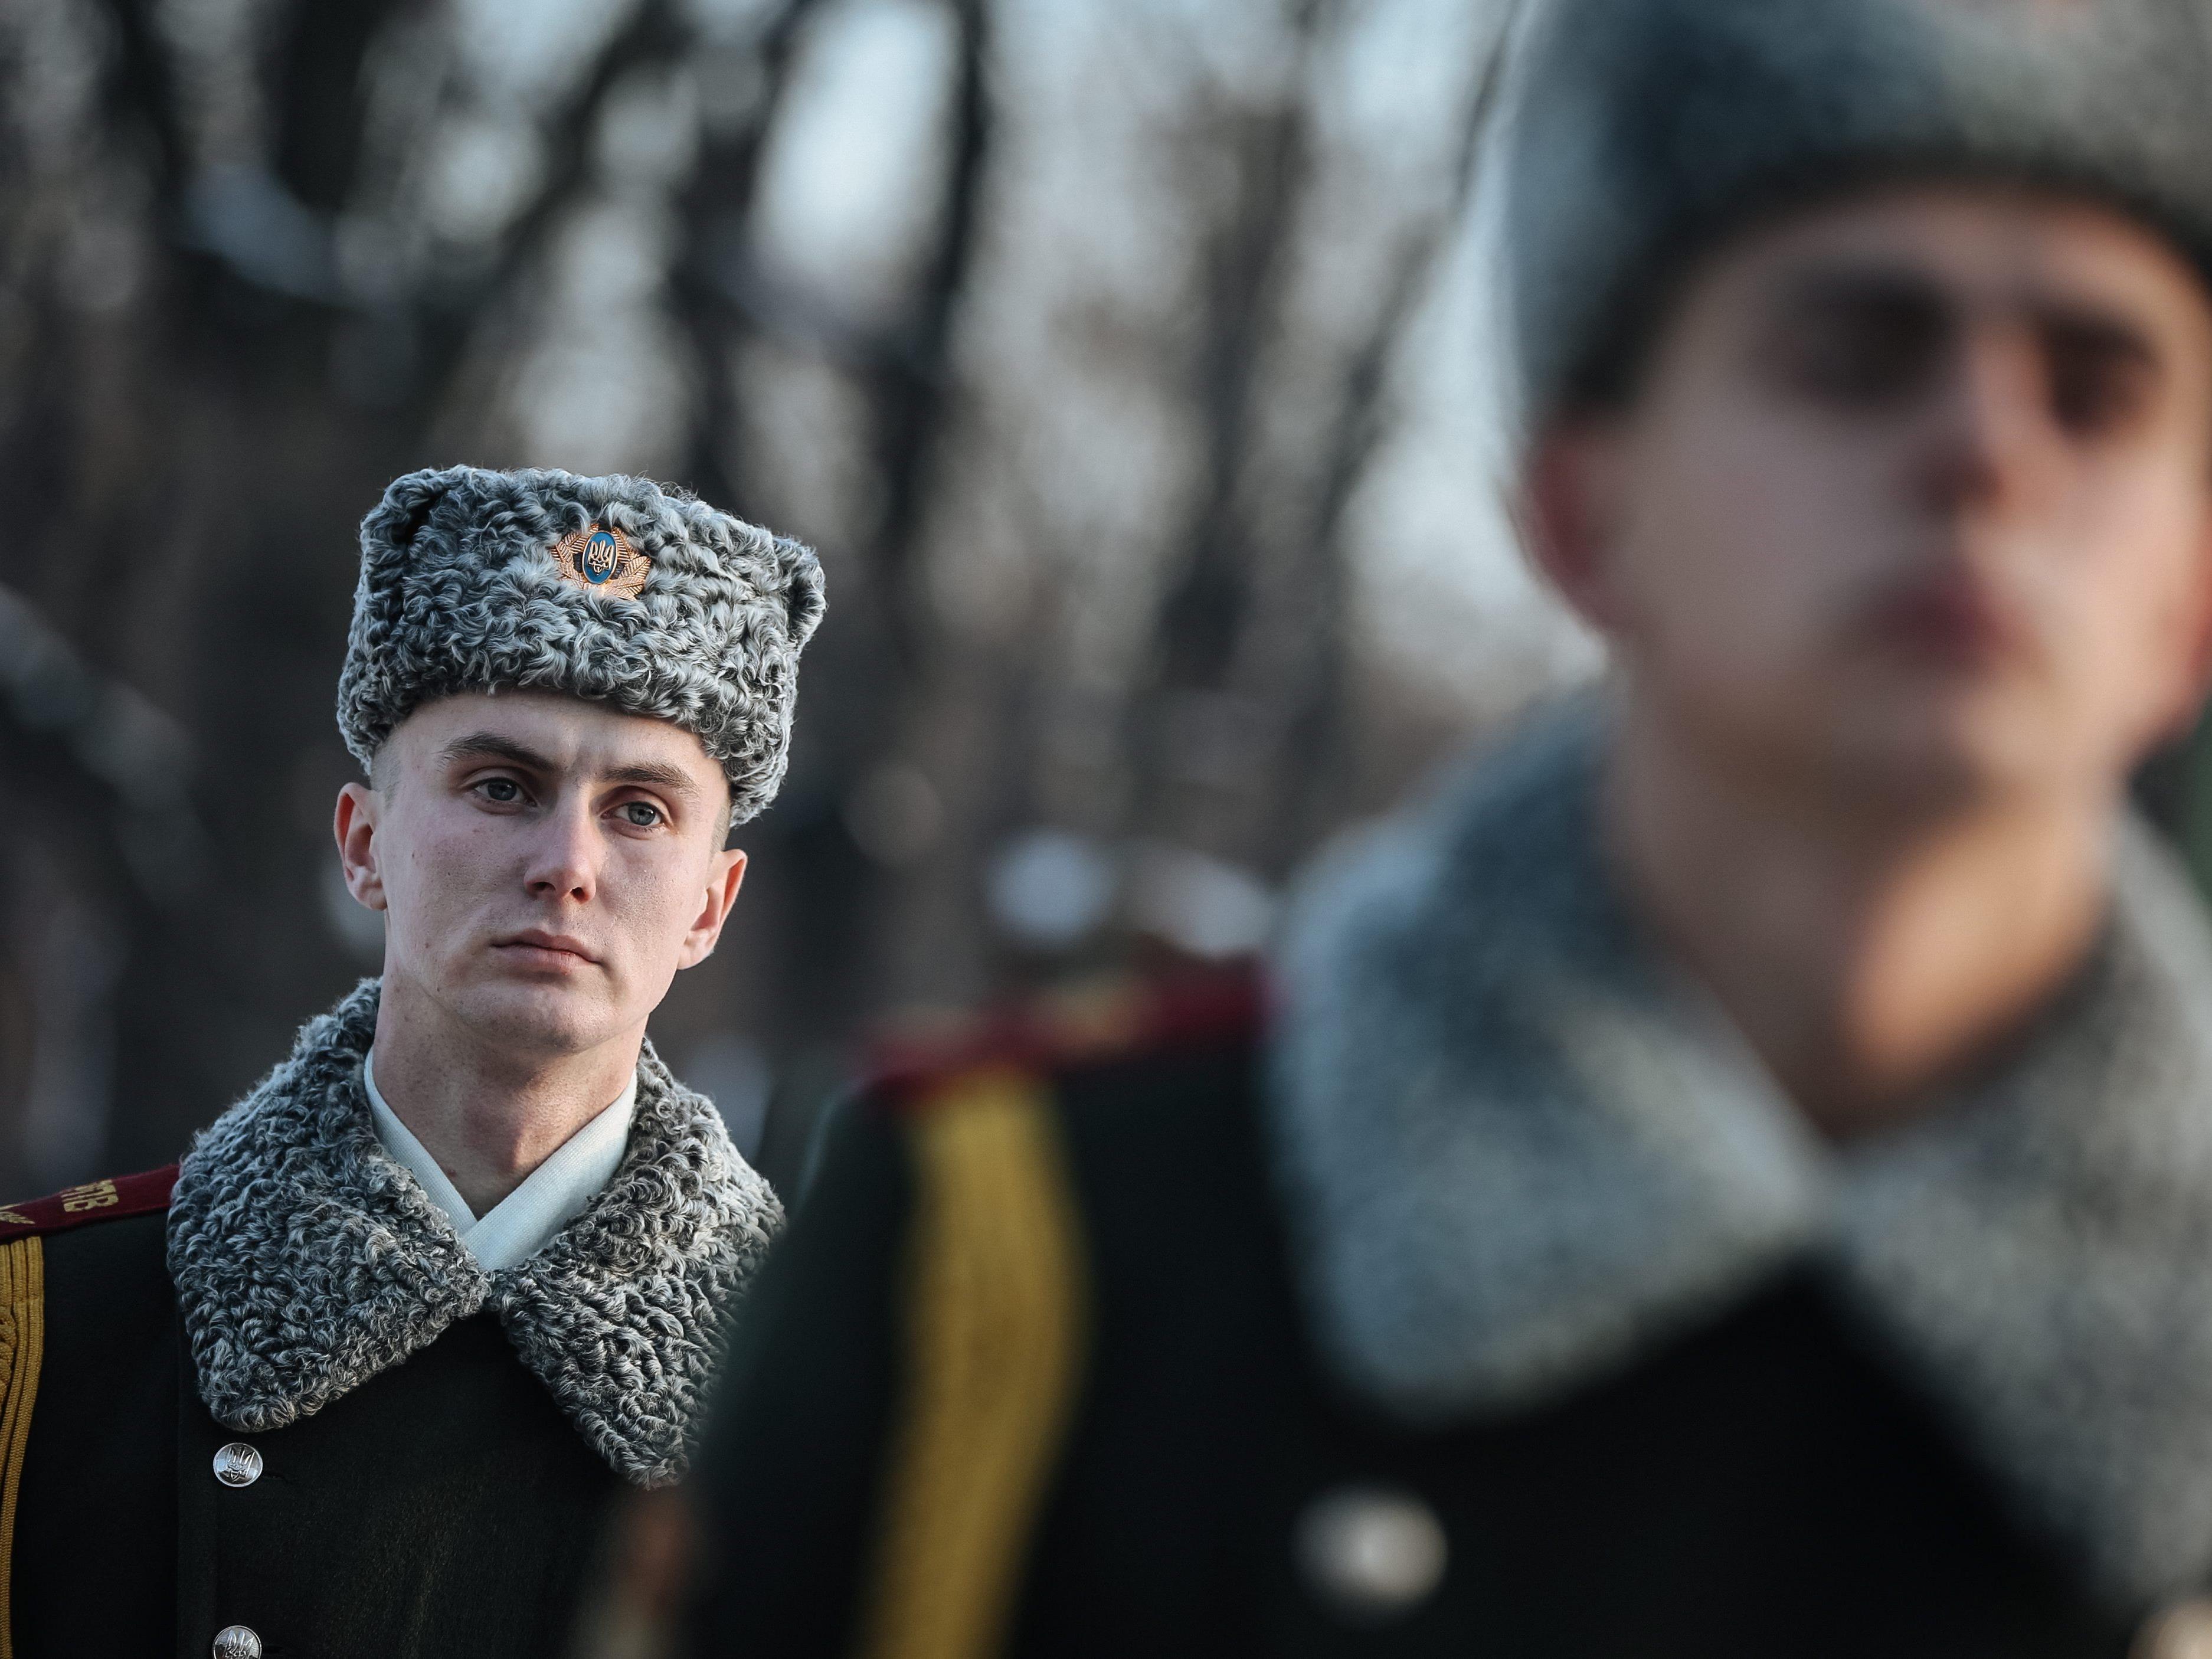 Ab 9. Dezember sollen die Waffen in der Ukraine schweigen - wieder einmal...